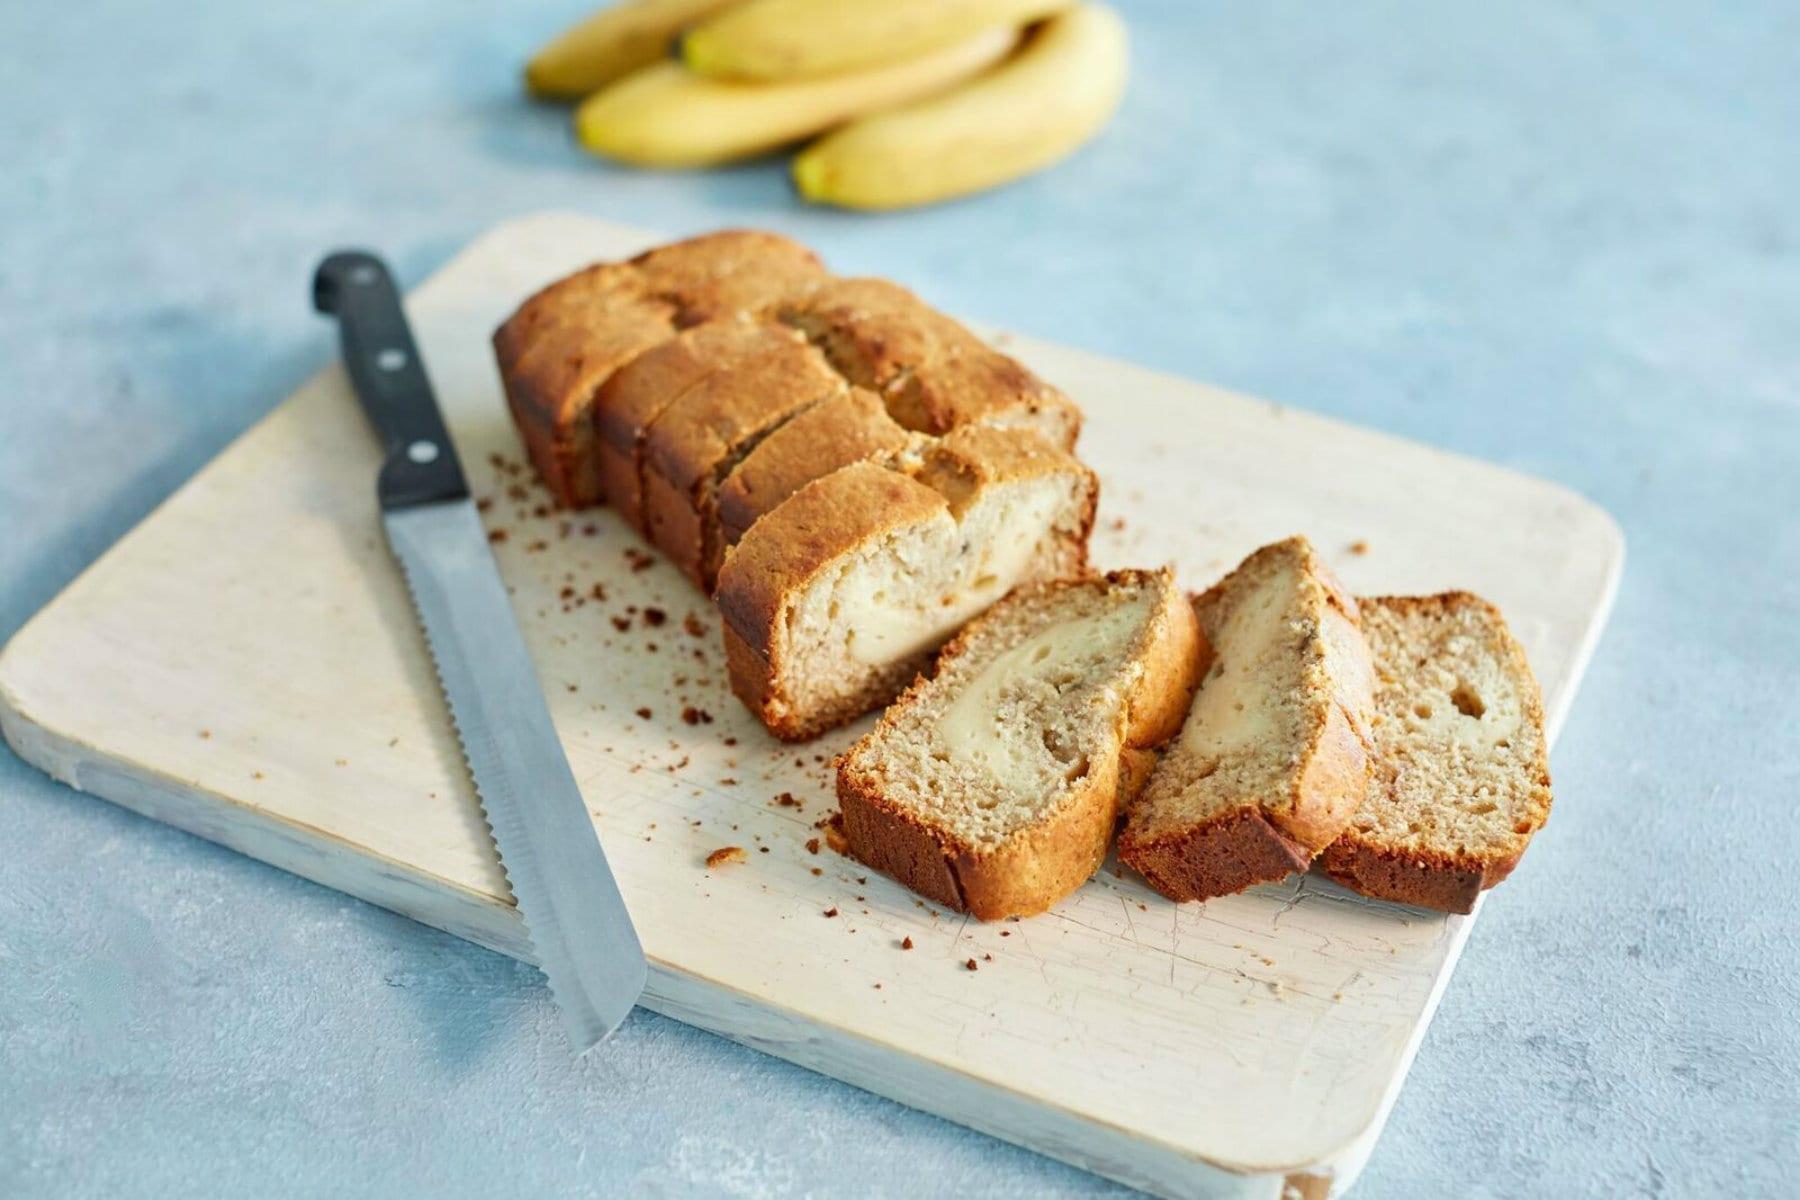 3 perfektné recepty na banánový chlieb, ktoré musíte skúsiť